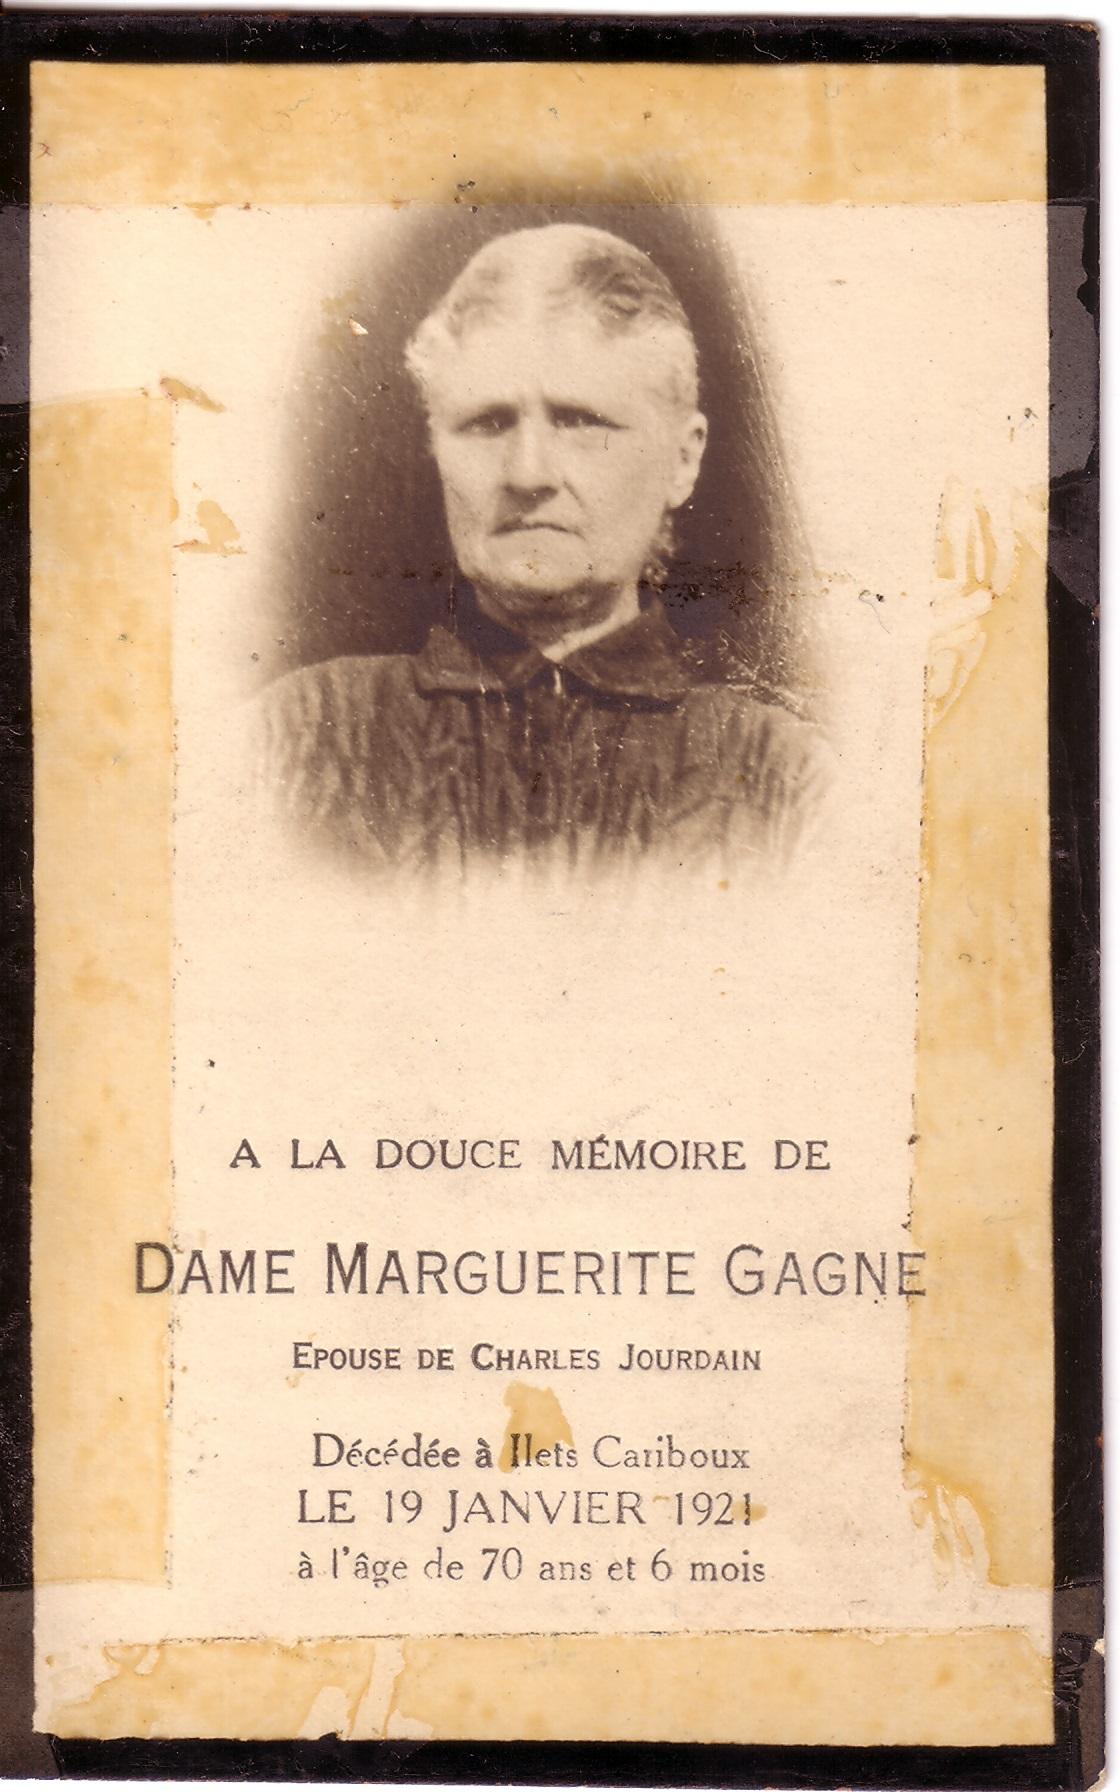 Marguerite Gagné 1851-1921